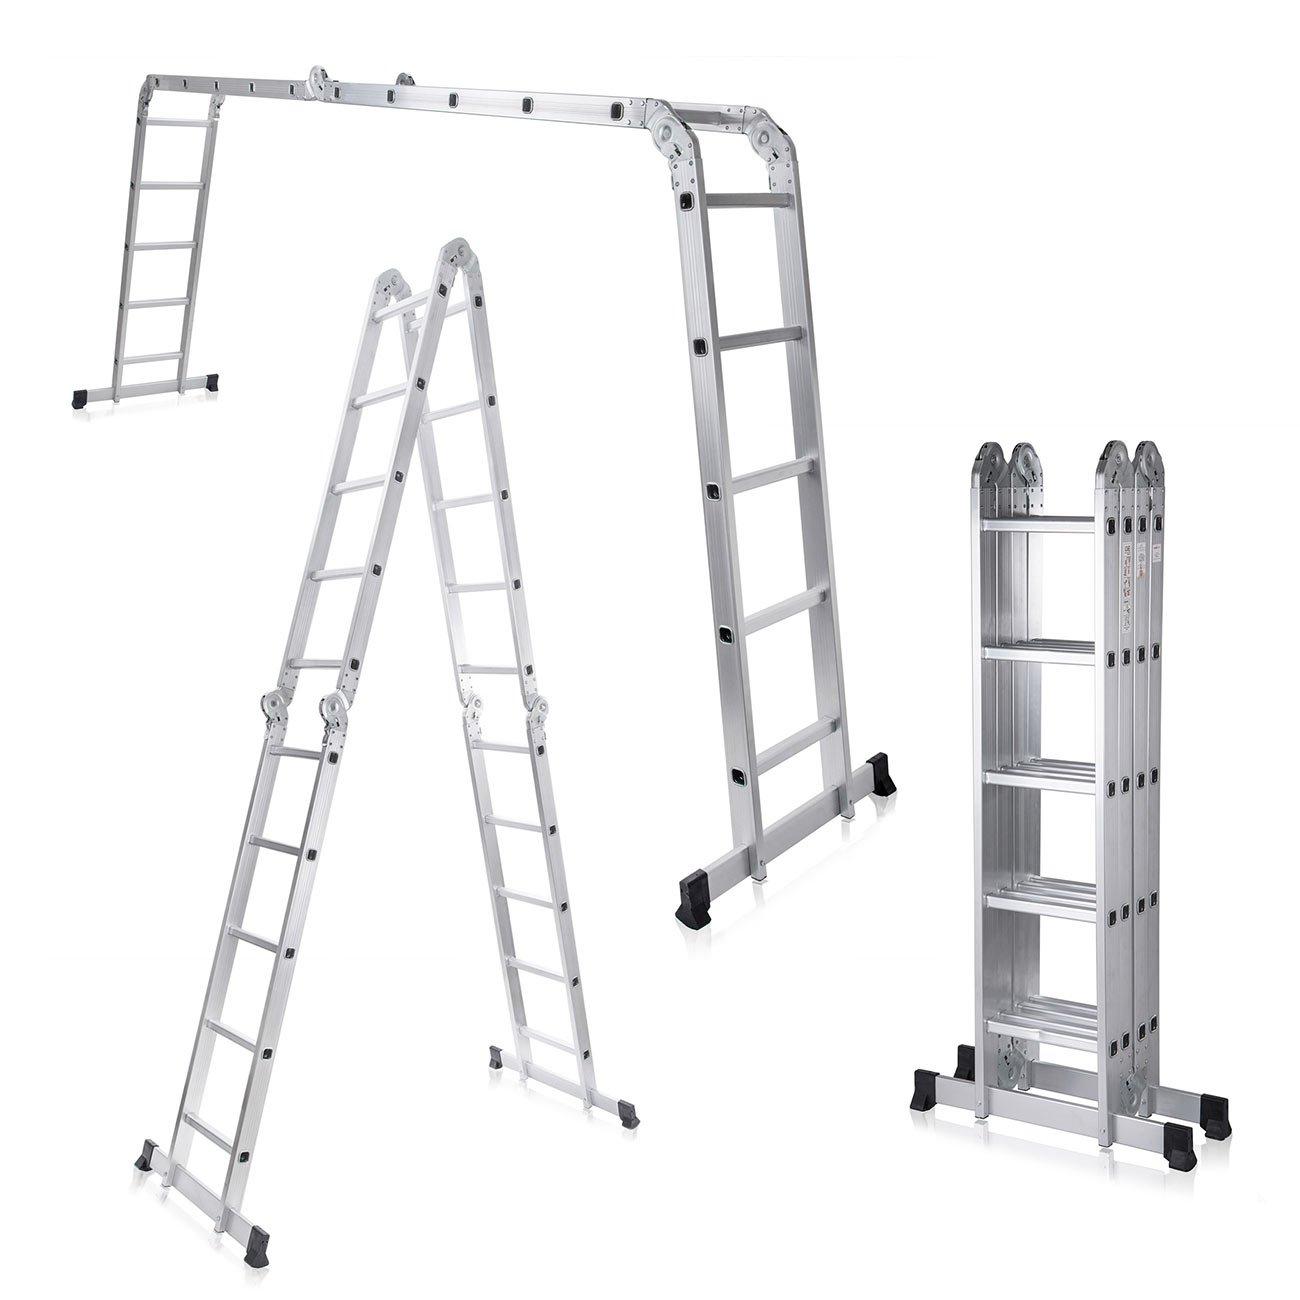 MAXCRAFT Escalier multifonction 6 en 1É chafaudage Té lescopique aluminium 150 kg Conforme EN-131 - Longueur 5, 92 m